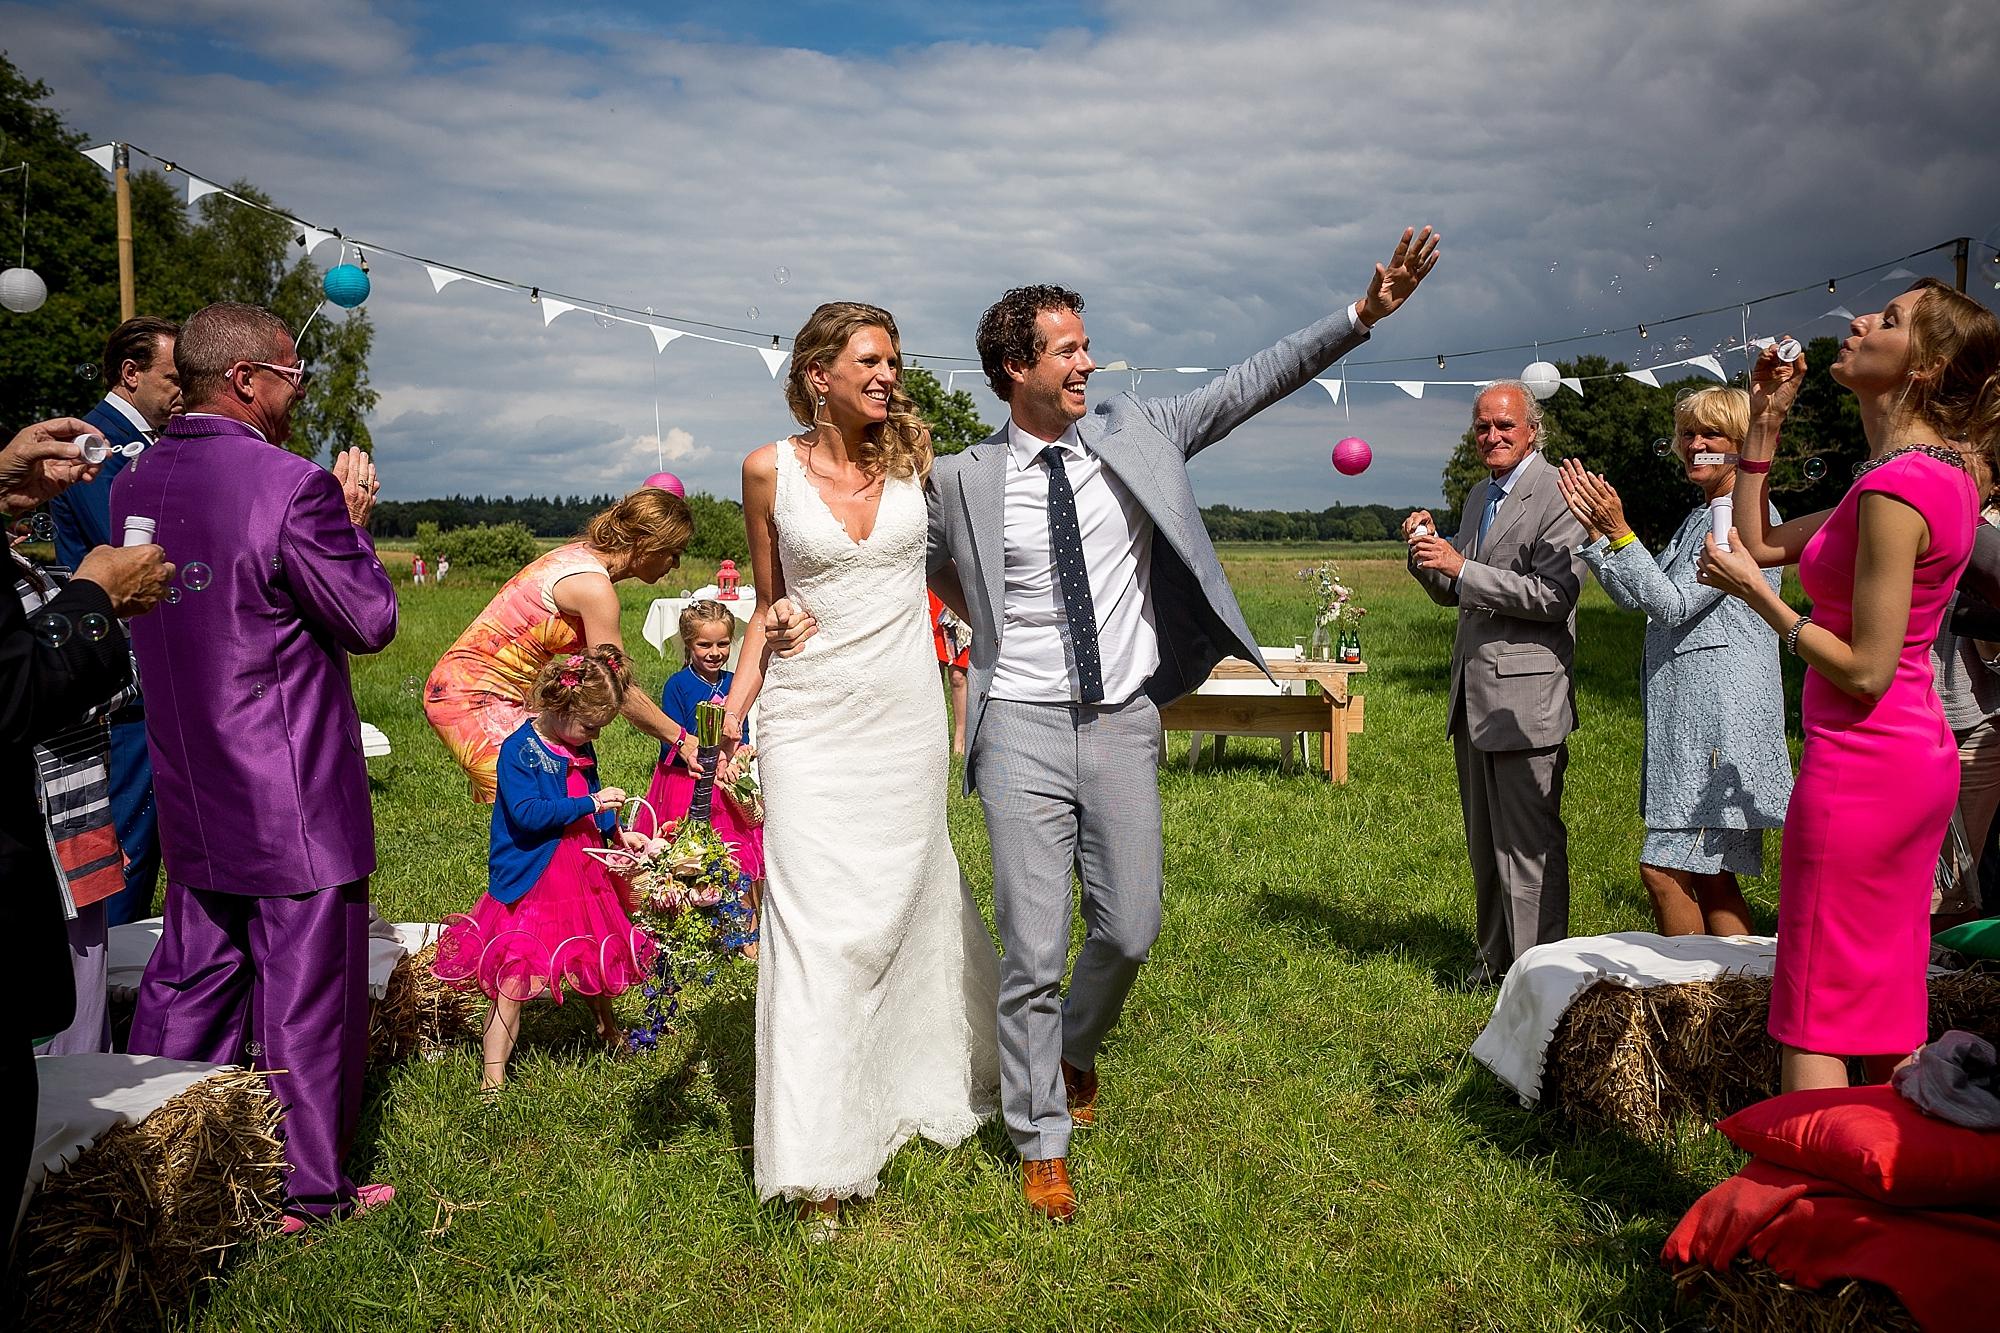 bruidsfotograaf-brabant-trouwen-in-het-bos-festivalbruiloft-vught-haaren_0097.jpg